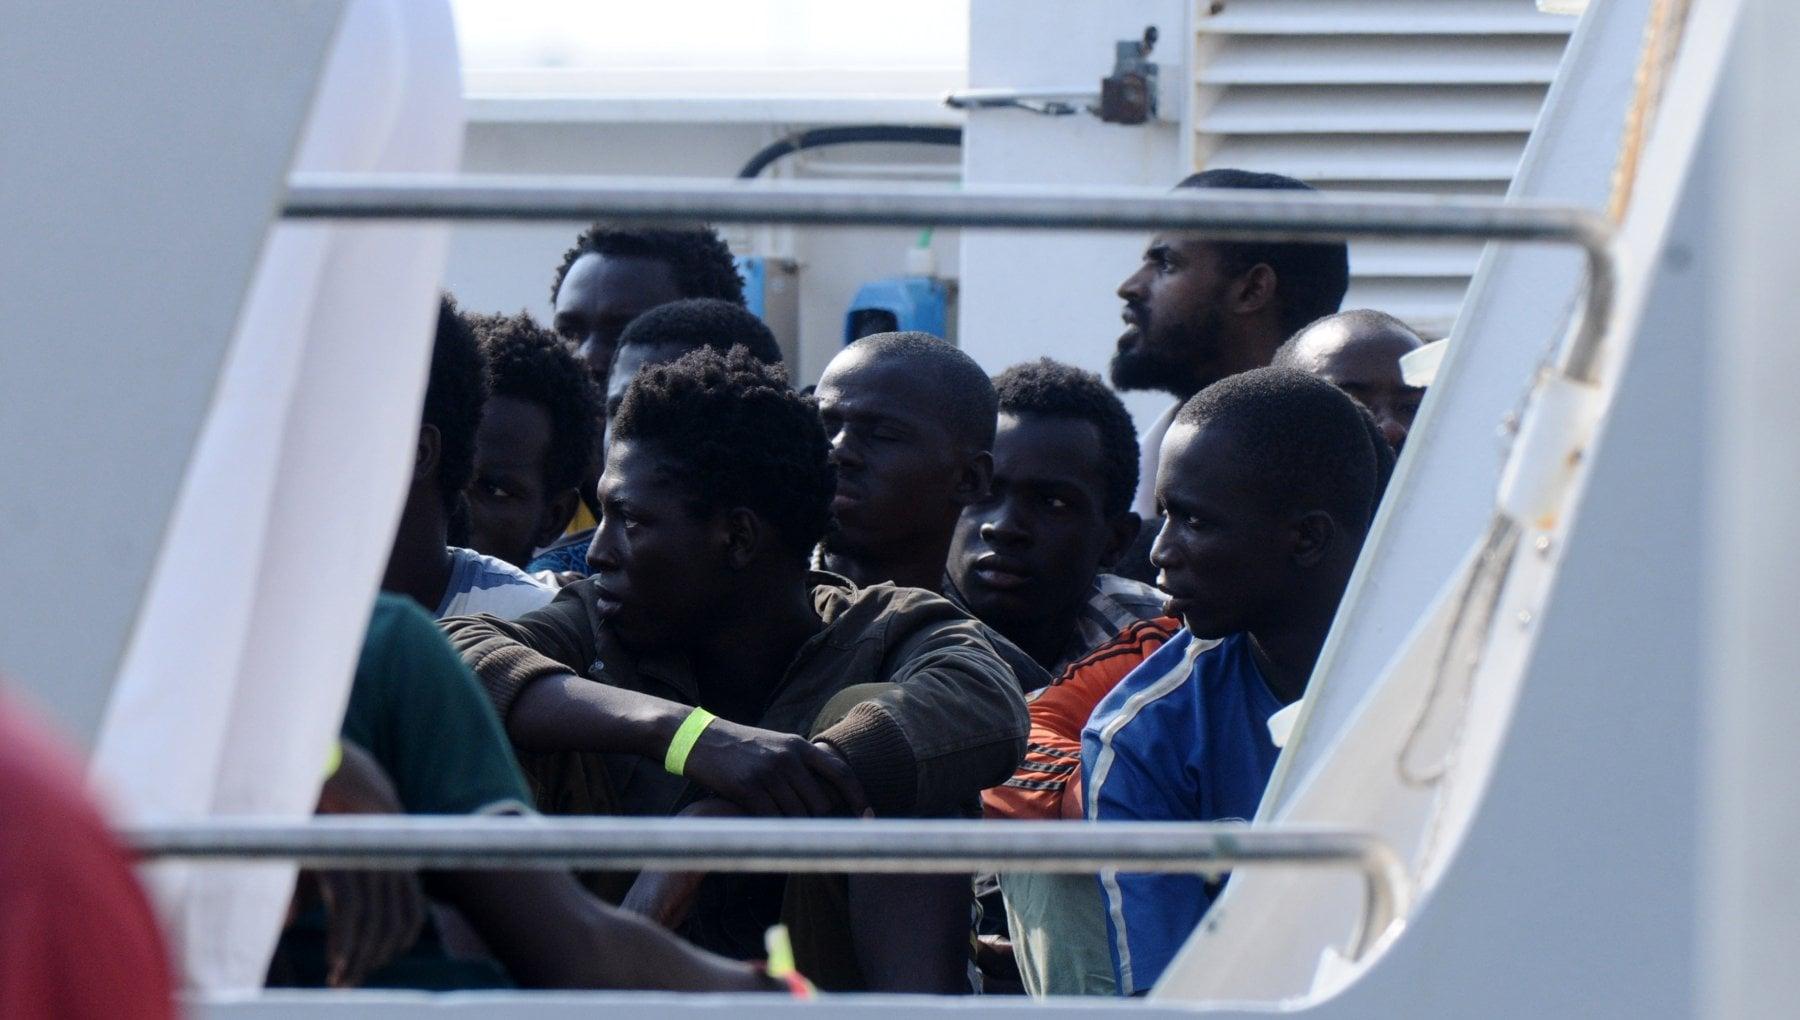 041002710 23c2918d 5d7f 426a a470 a4481f413942 - Migranti, 40 persone morte di fame di sete trovate a bordo di una barca alla deriva che non è riuscita a raggiungere le Canarie